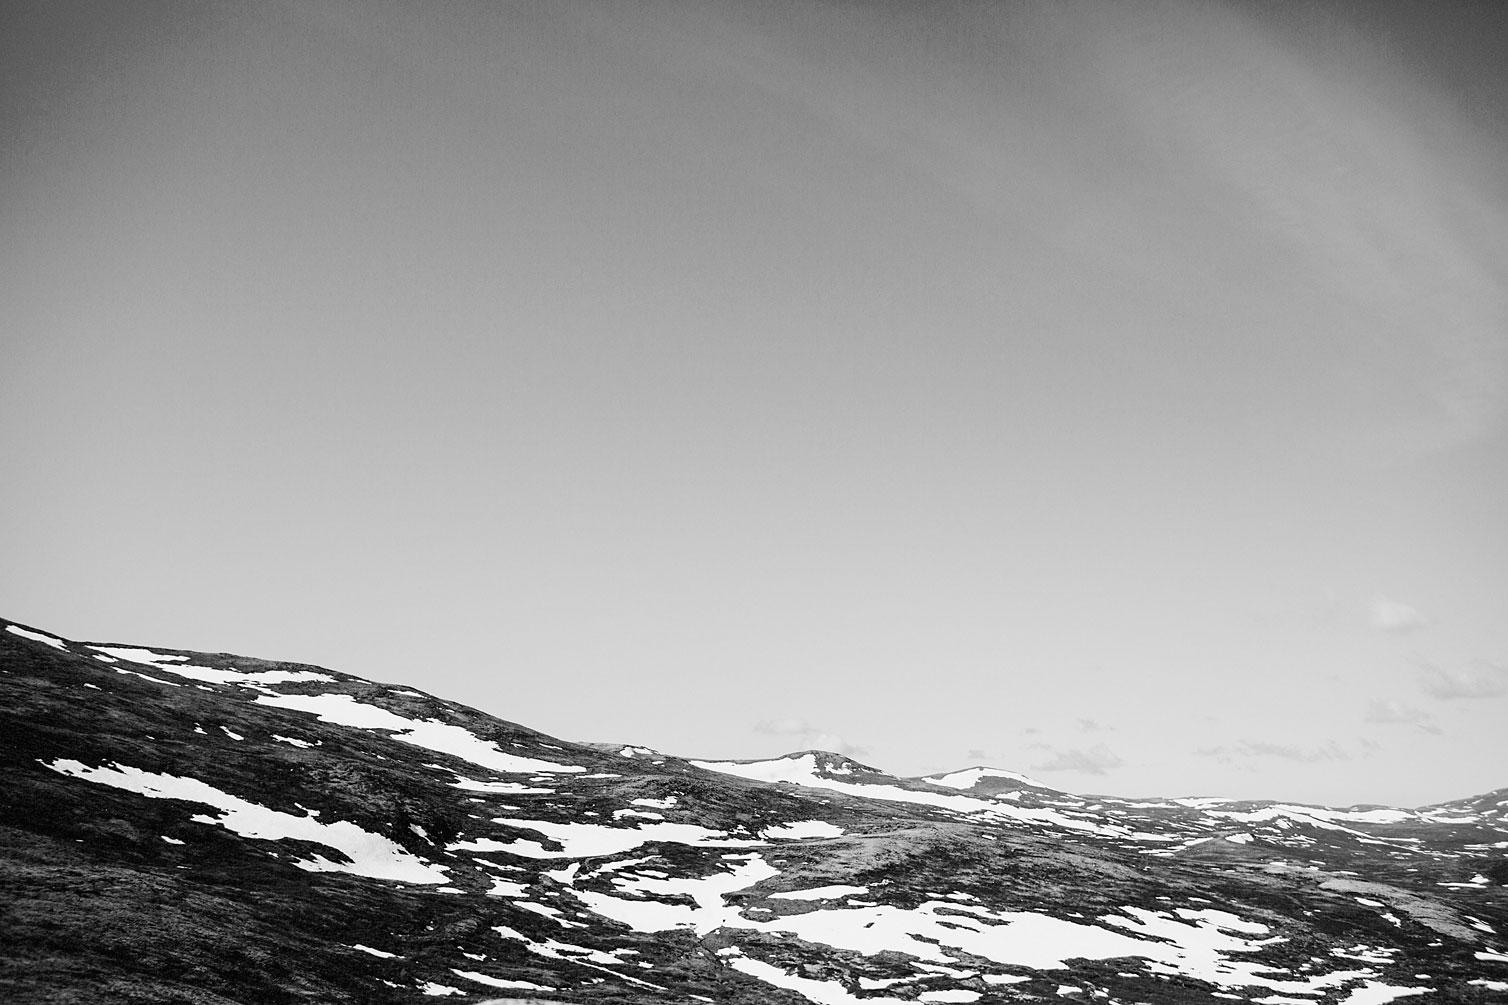 snohetta mountains for noctu photo shoot